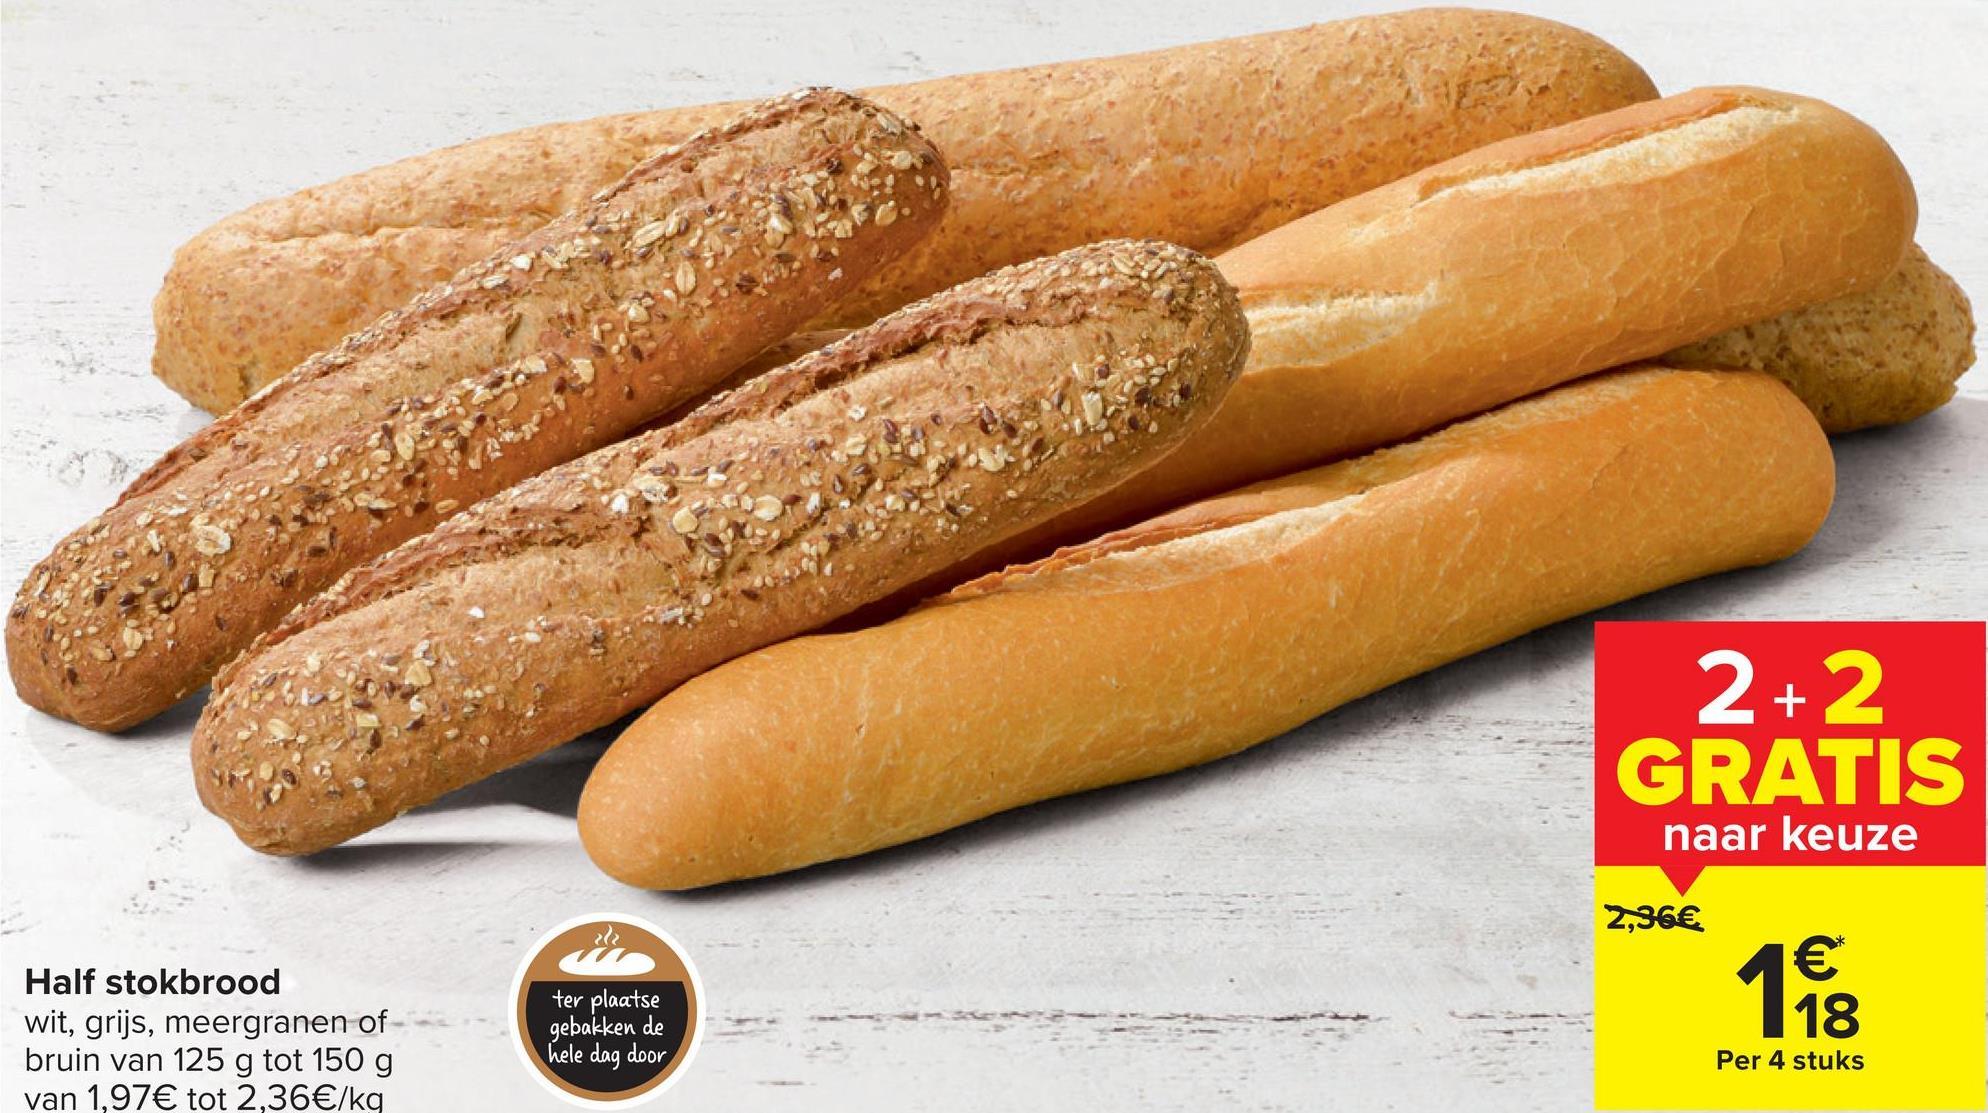 2+2 GRATIS naar keuze 2,36€ ter plaatse Half stokbrood wit, grijs, meergranen of bruin van 125 g tot 150 g van 1,97€ tot 2,36€/kg 188 € 18 gebakken de hele dag door Per 4 stuks